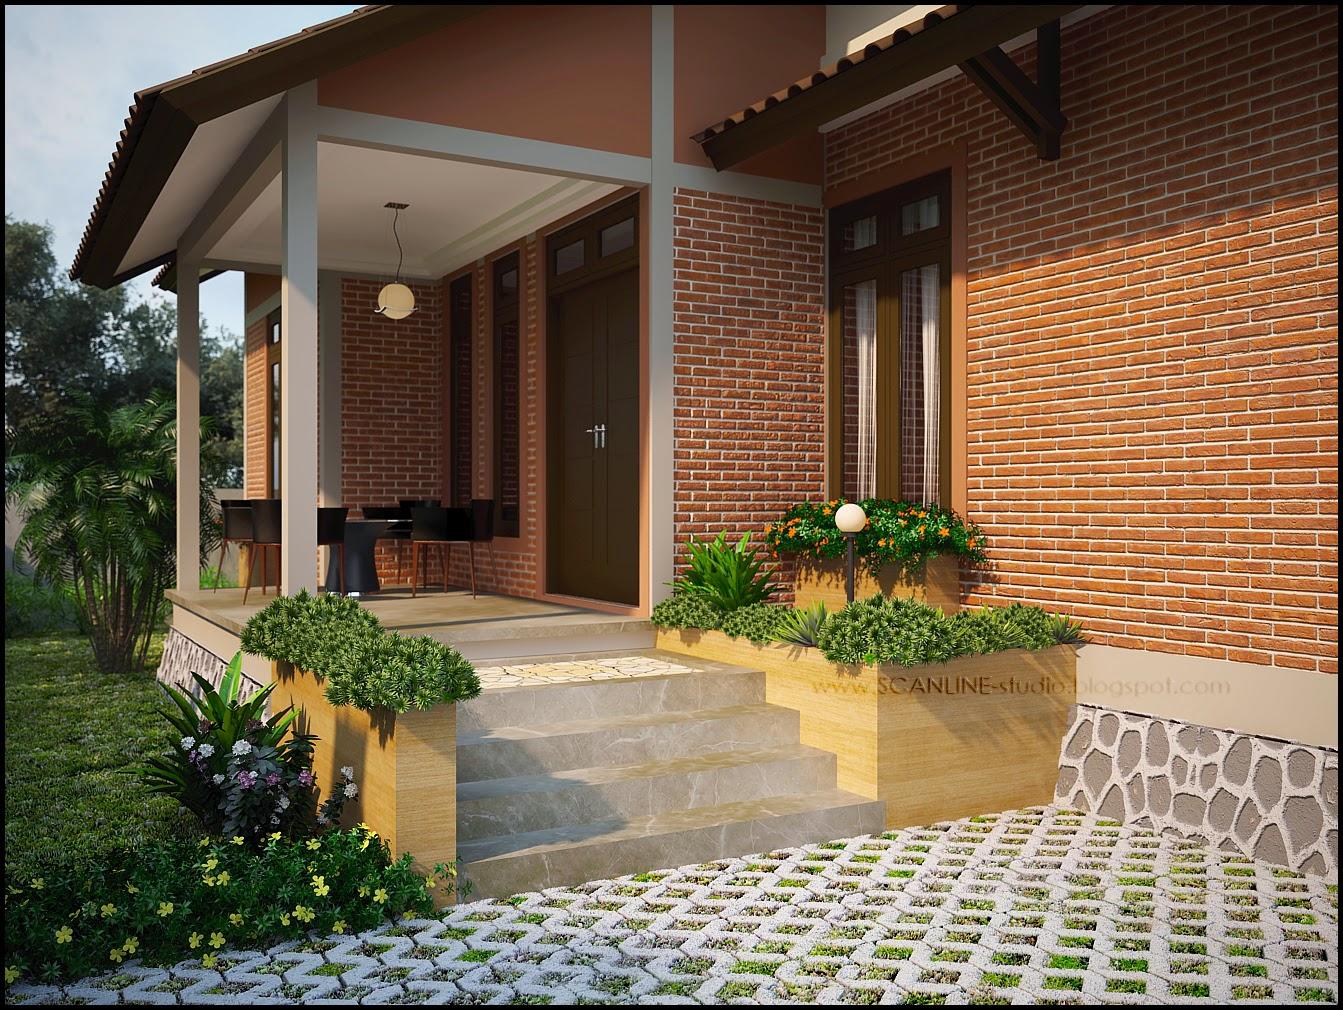 65 Desain Rumah Minimalis Yang Asri Desain Rumah Minimalis Terbaru